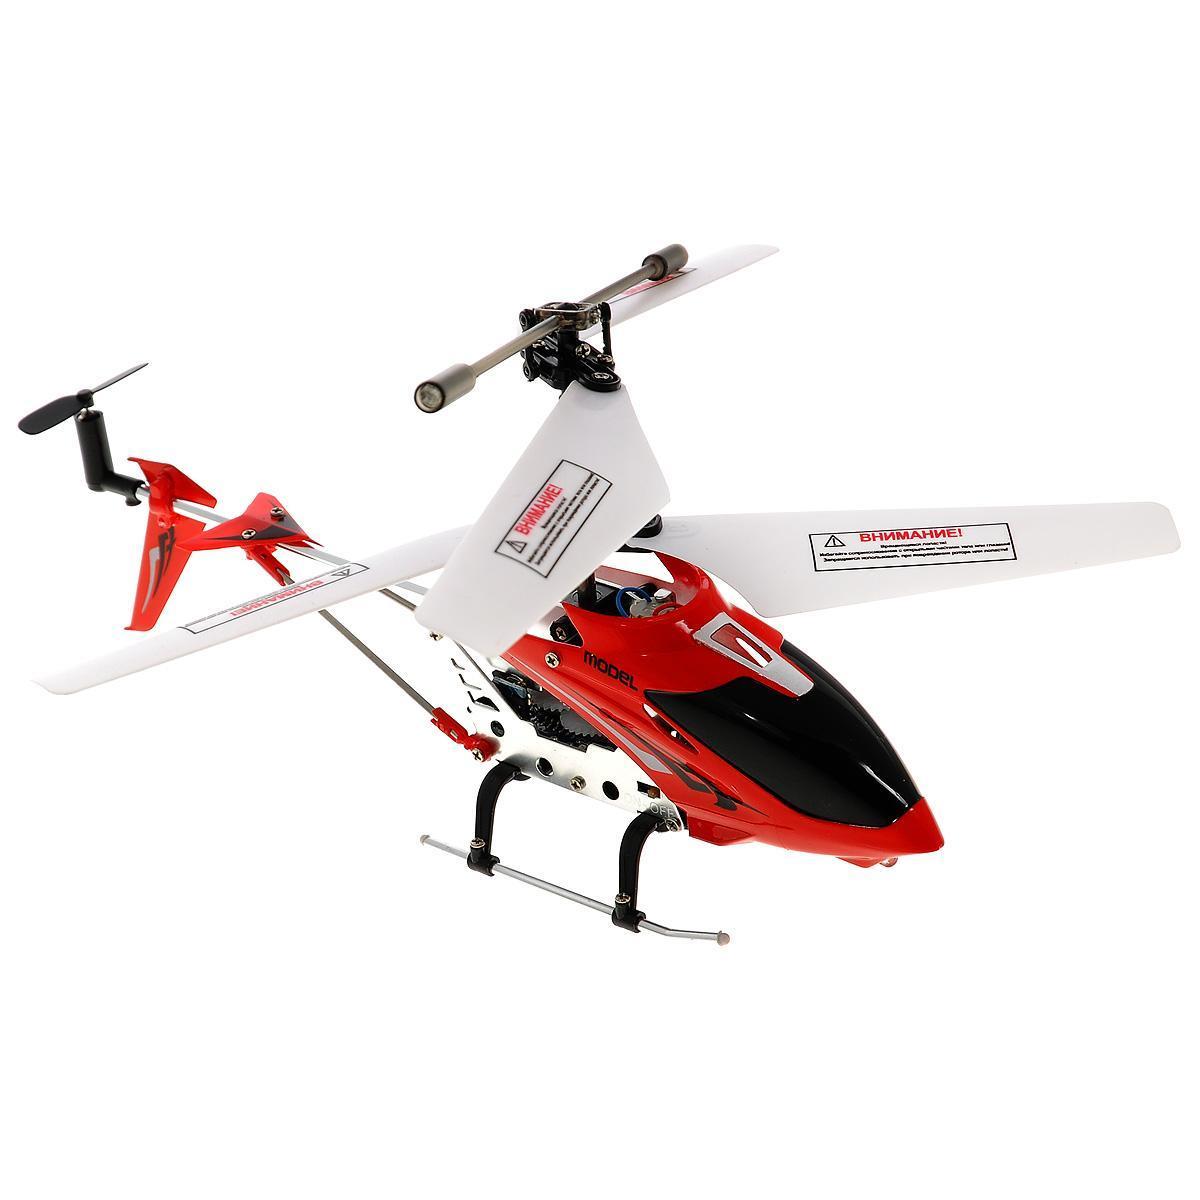 Вертолет на инфракрасном управлении BALBI IRH-022-A, с гироскопом, со световыми эффектами, цвет: красный машинки hti паровозик roadsterz синий с вагоном звуковыми и световыми эффектами